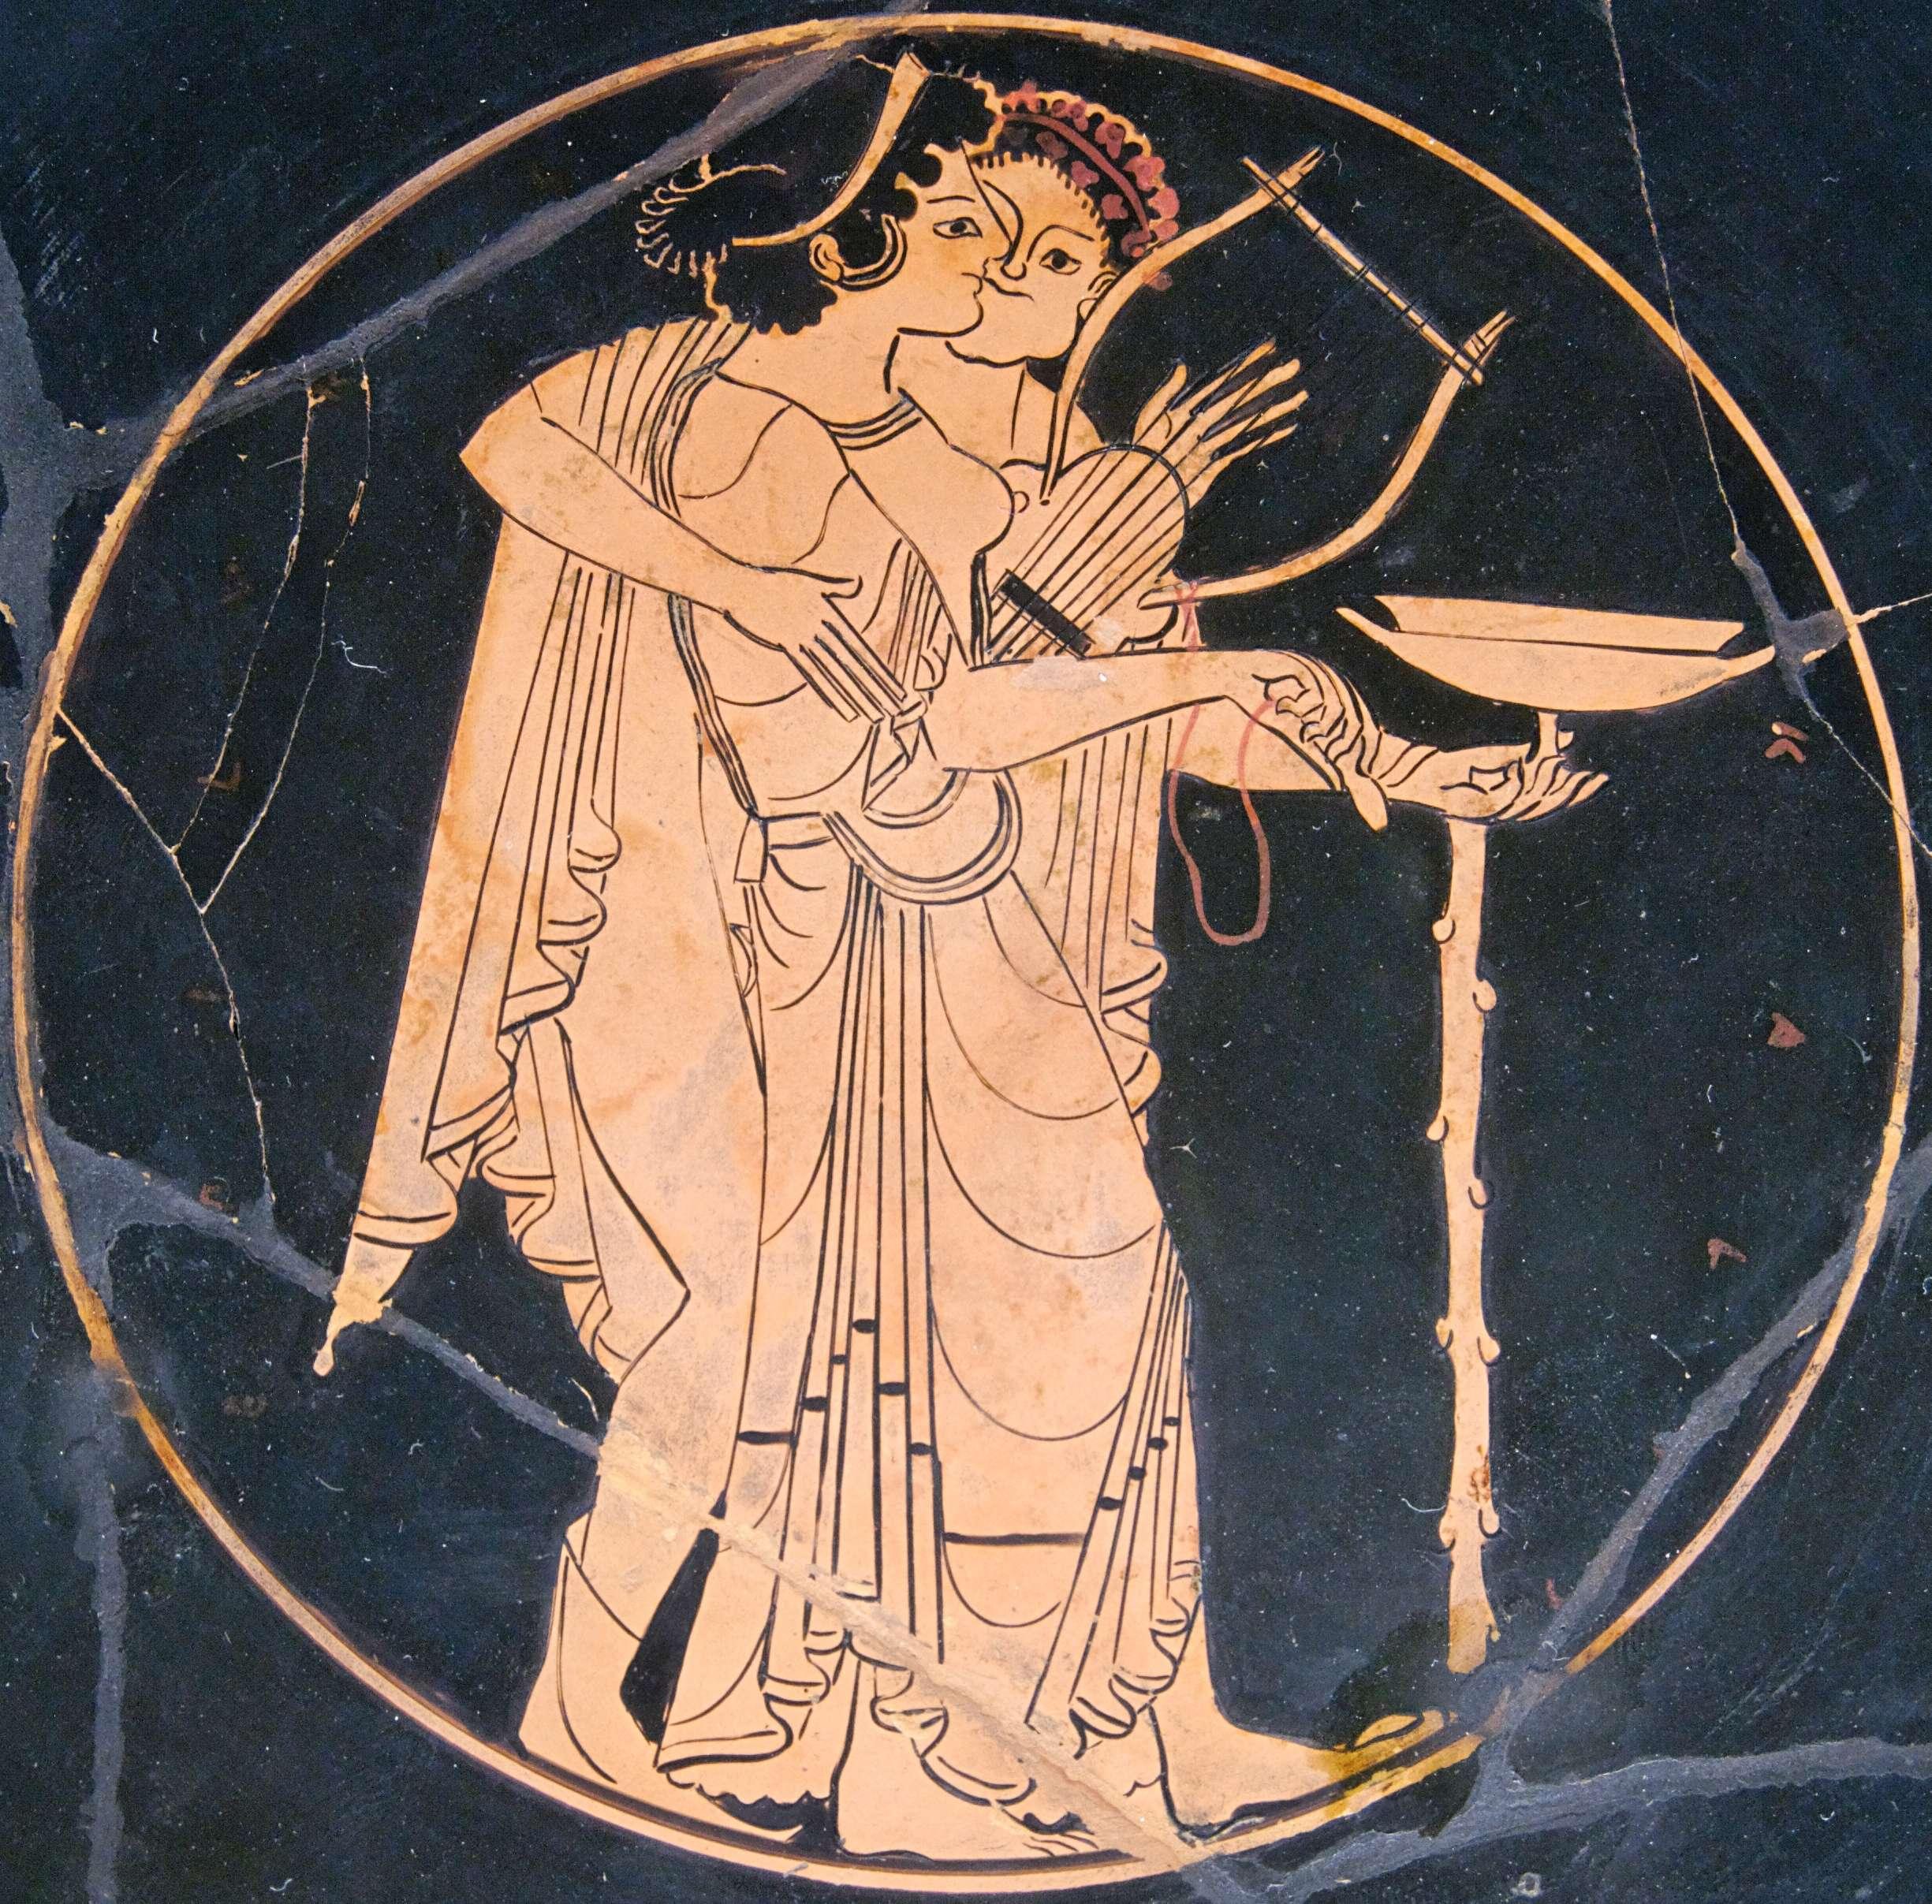 Άντρας ερωτοτροπεί με τη μεθυσμένη κιθαρίστρια. Ερυθρόμορφη κύλικα, περ. 510 π.Χ., Λούβρο